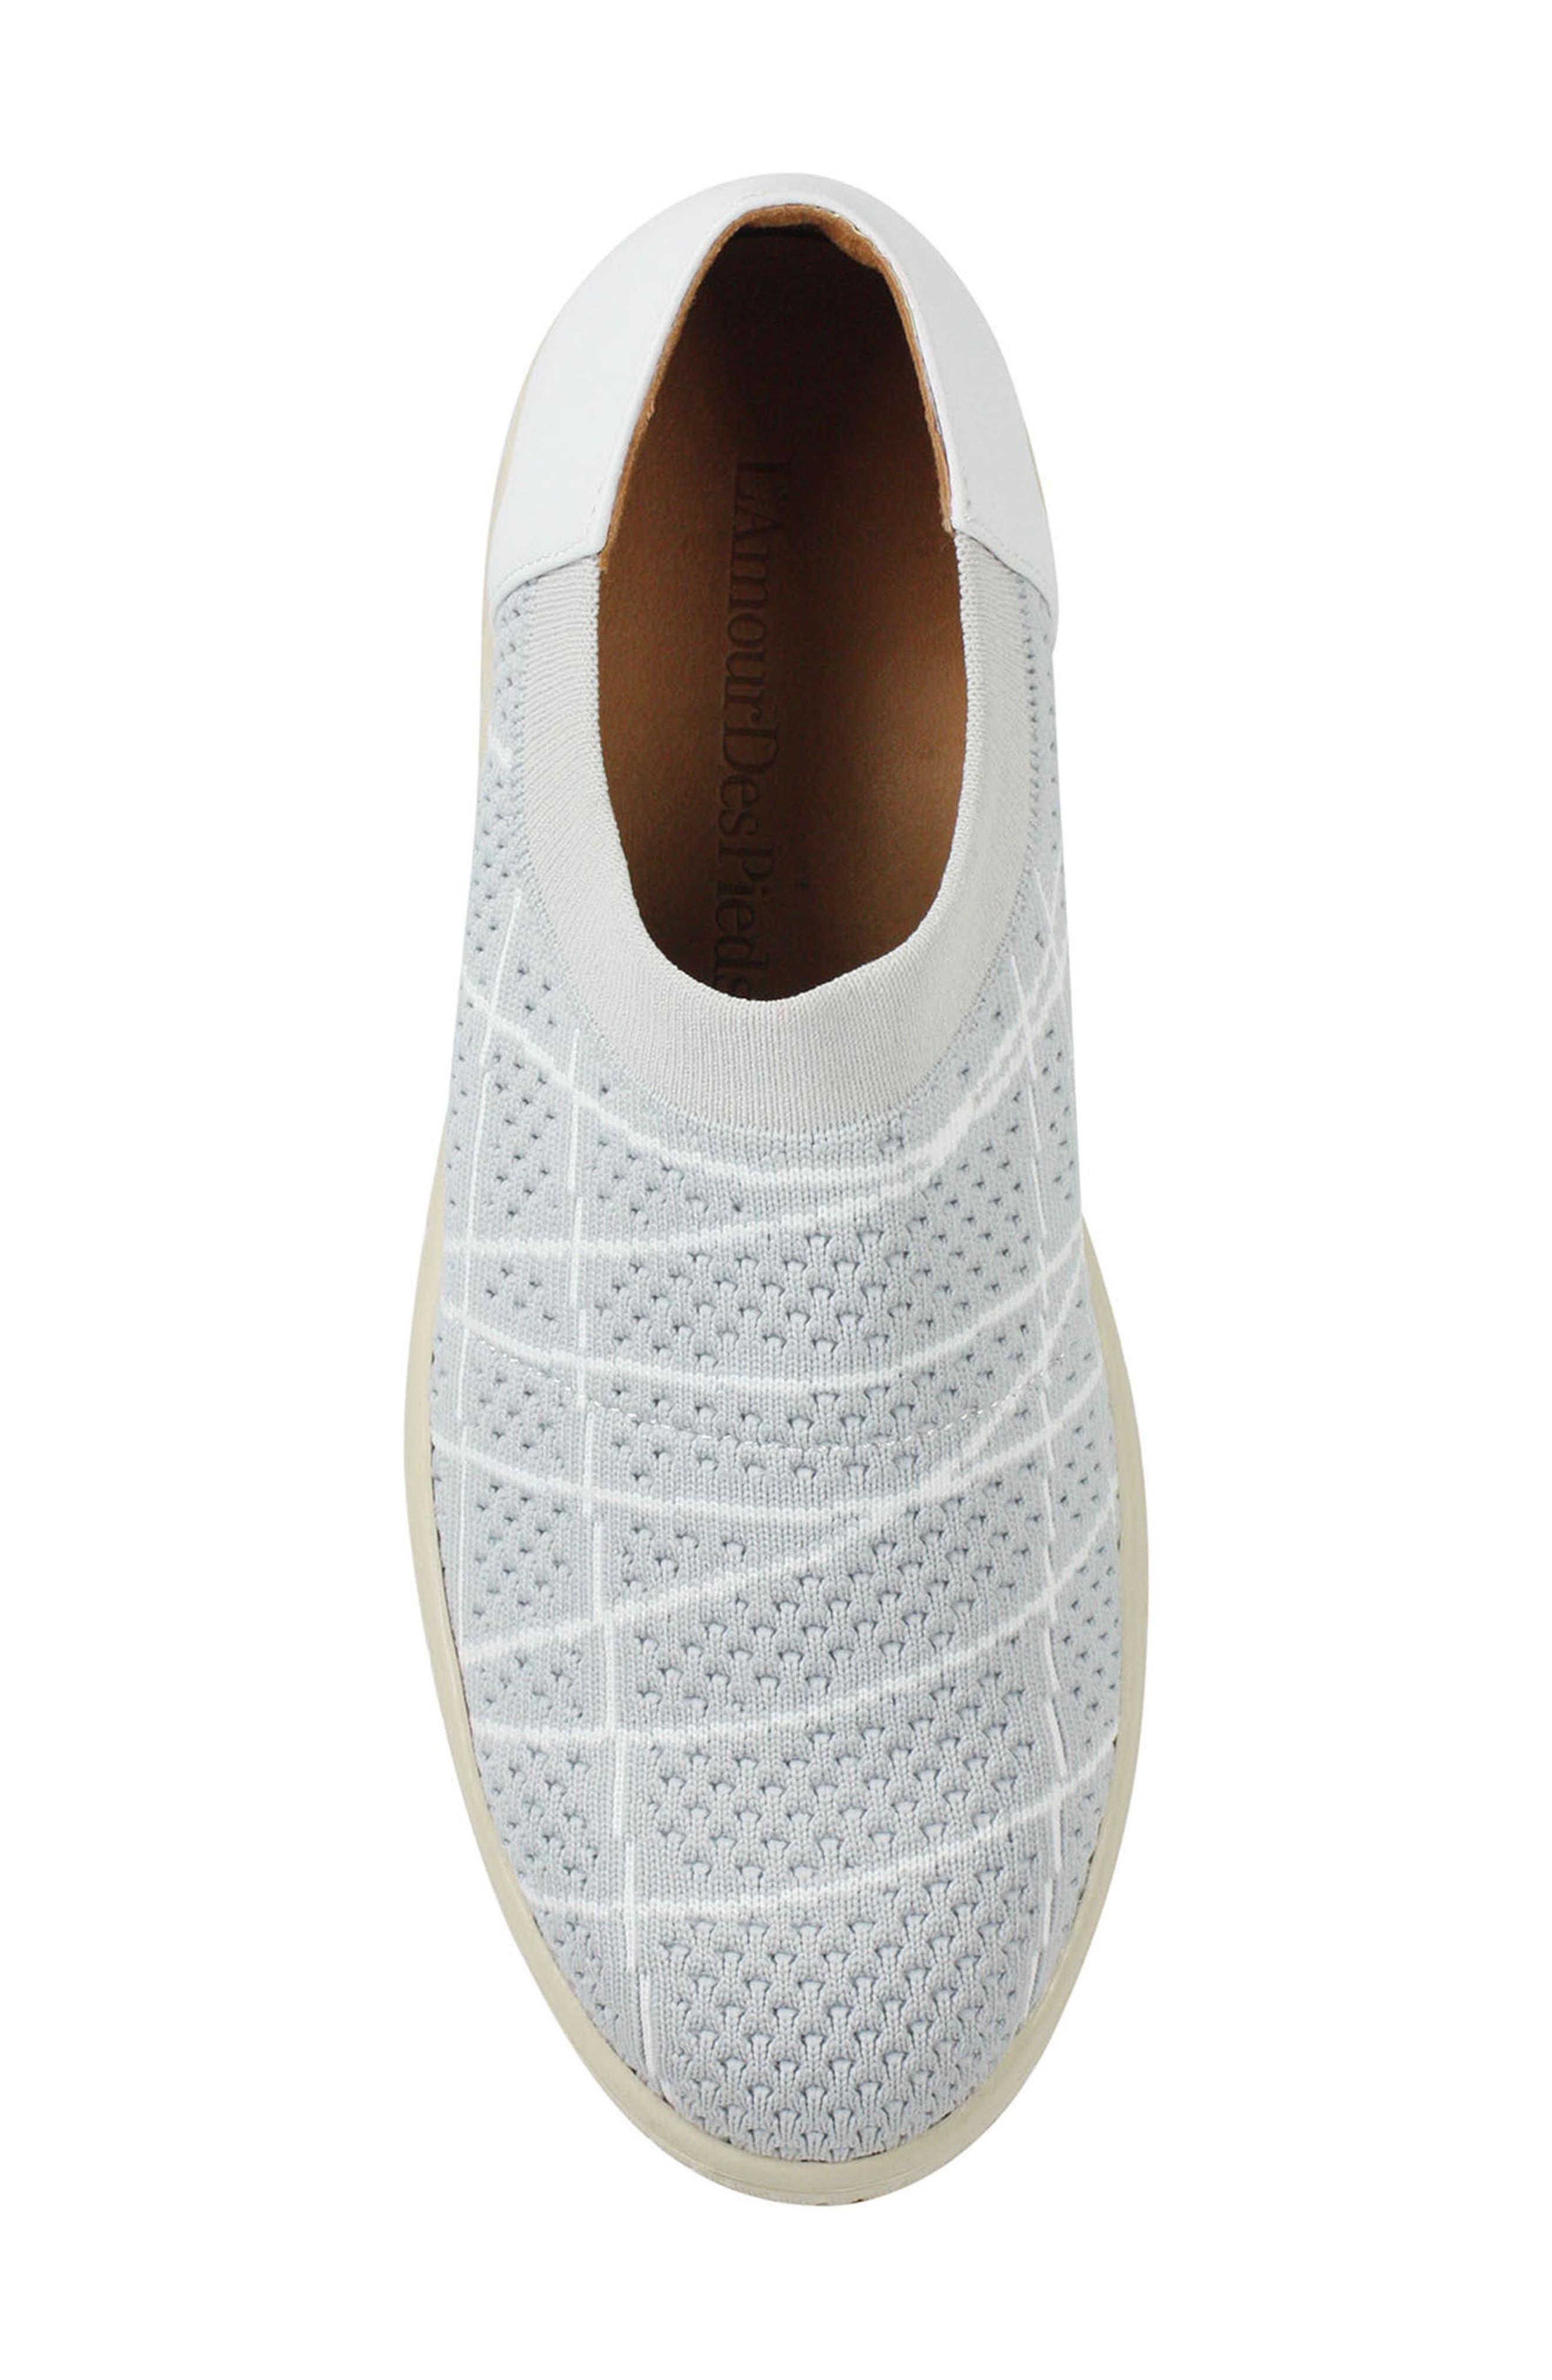 Zohndra Slip-On Sneaker,                             Alternate thumbnail 6, color,                             Beige Fabric